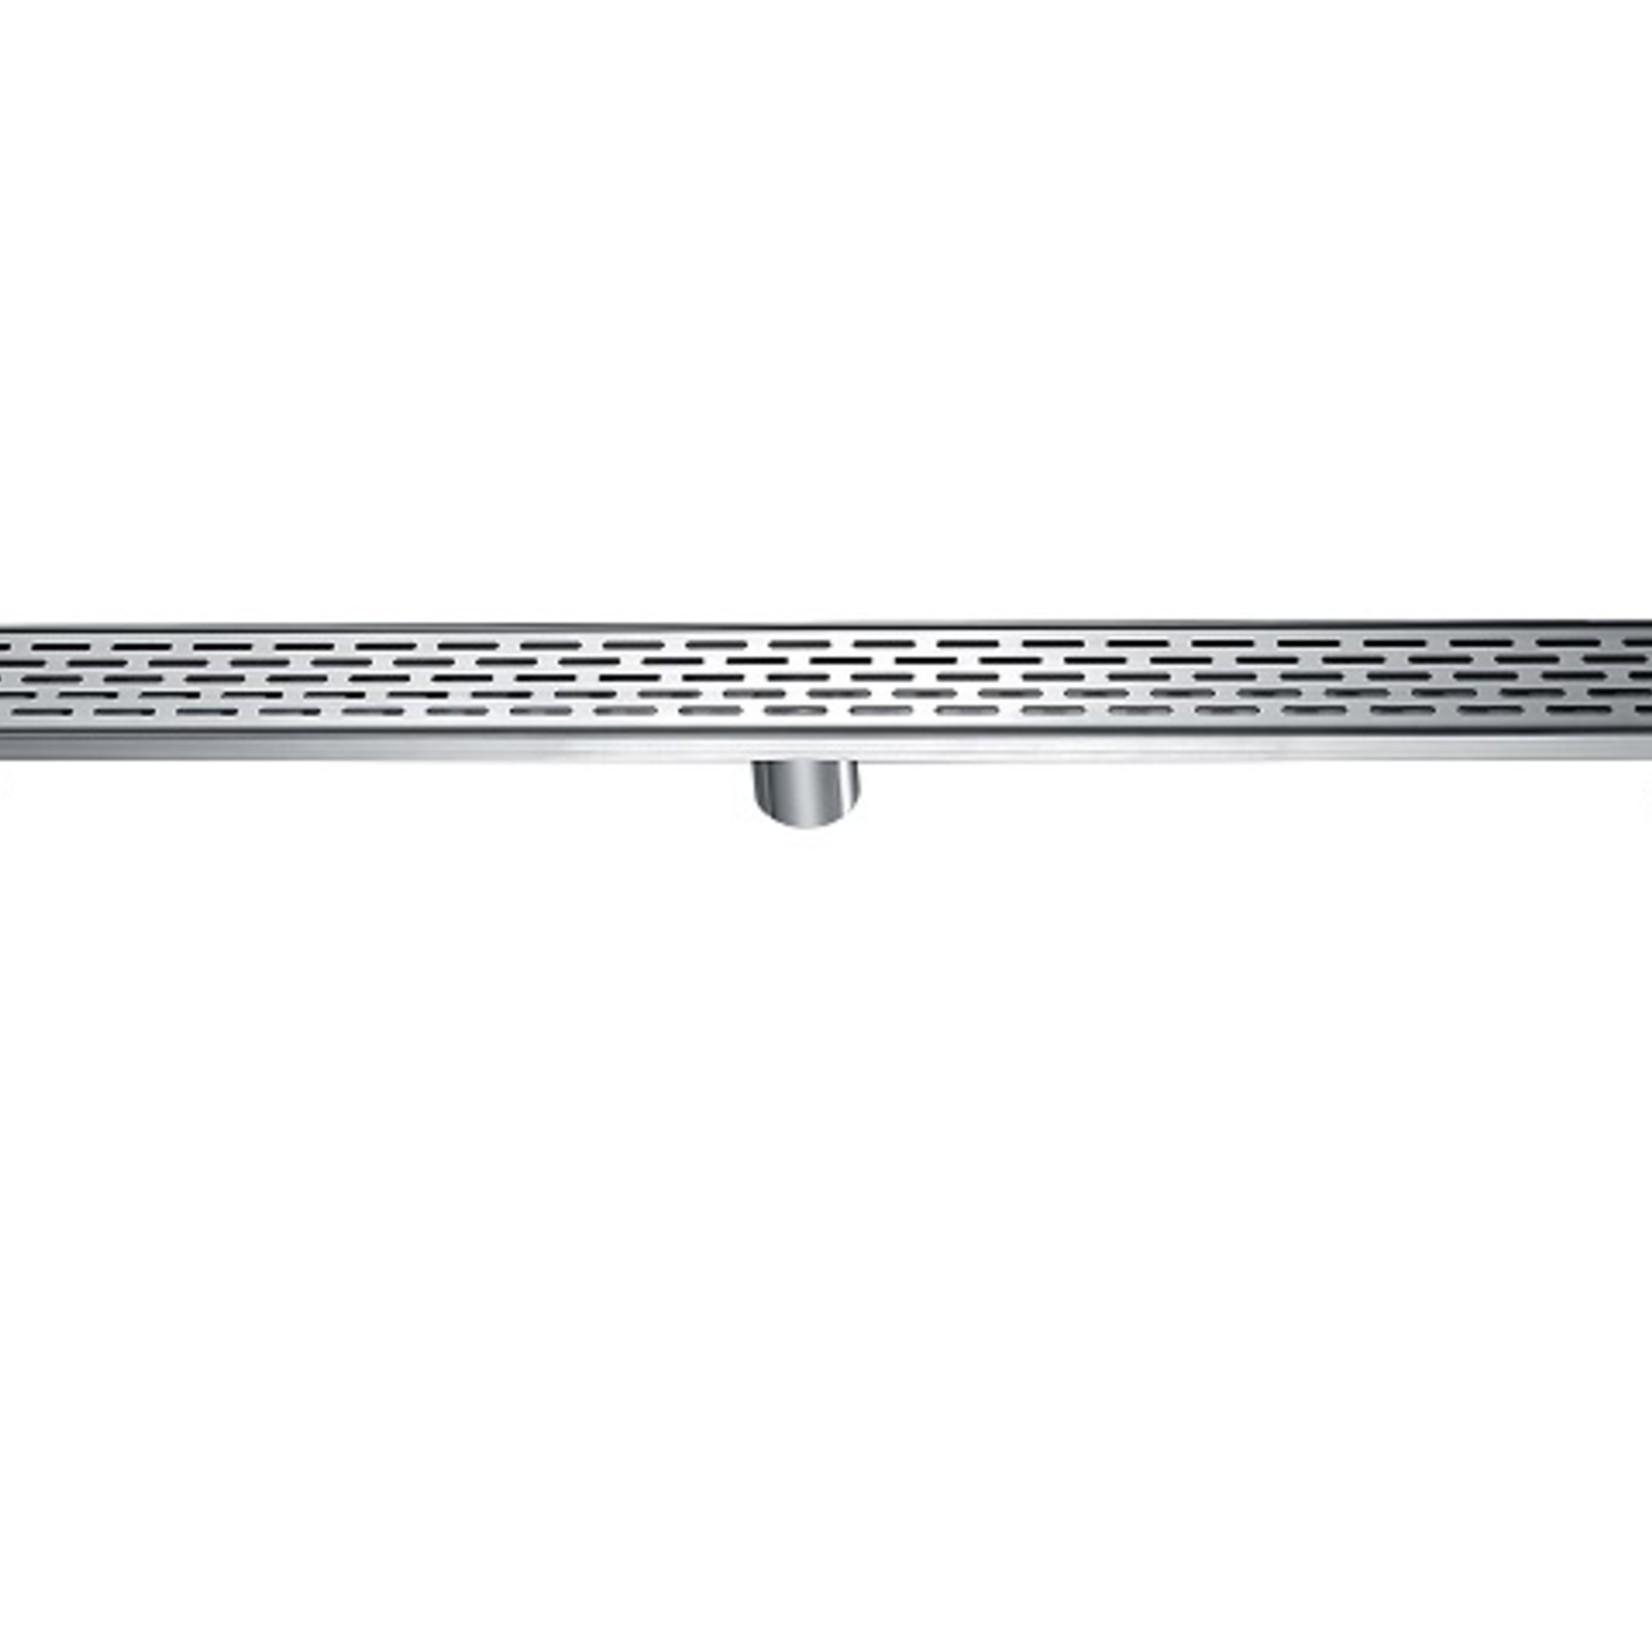 Stainless steel linear drain LYE model